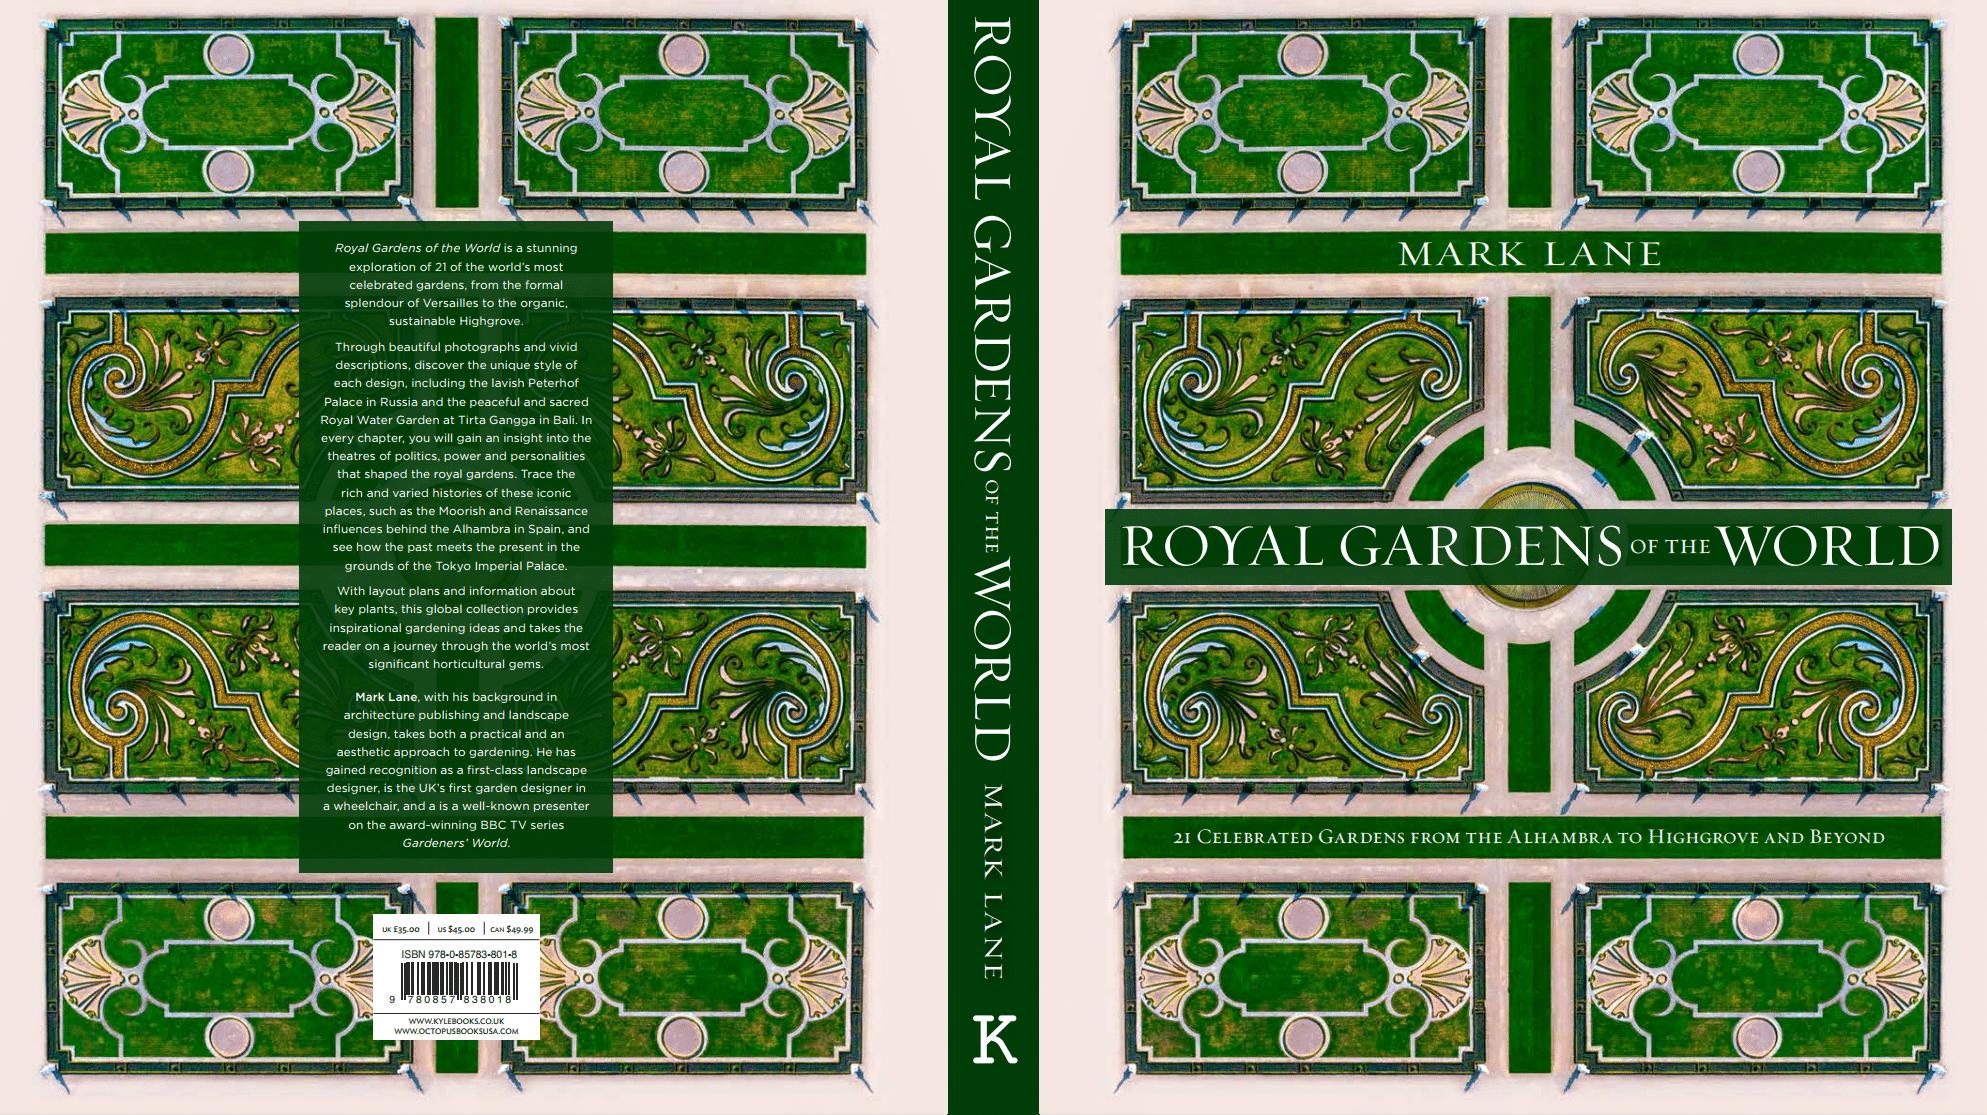 Royal Gardens of the World, Mark Lane, Kyle Books, Cover